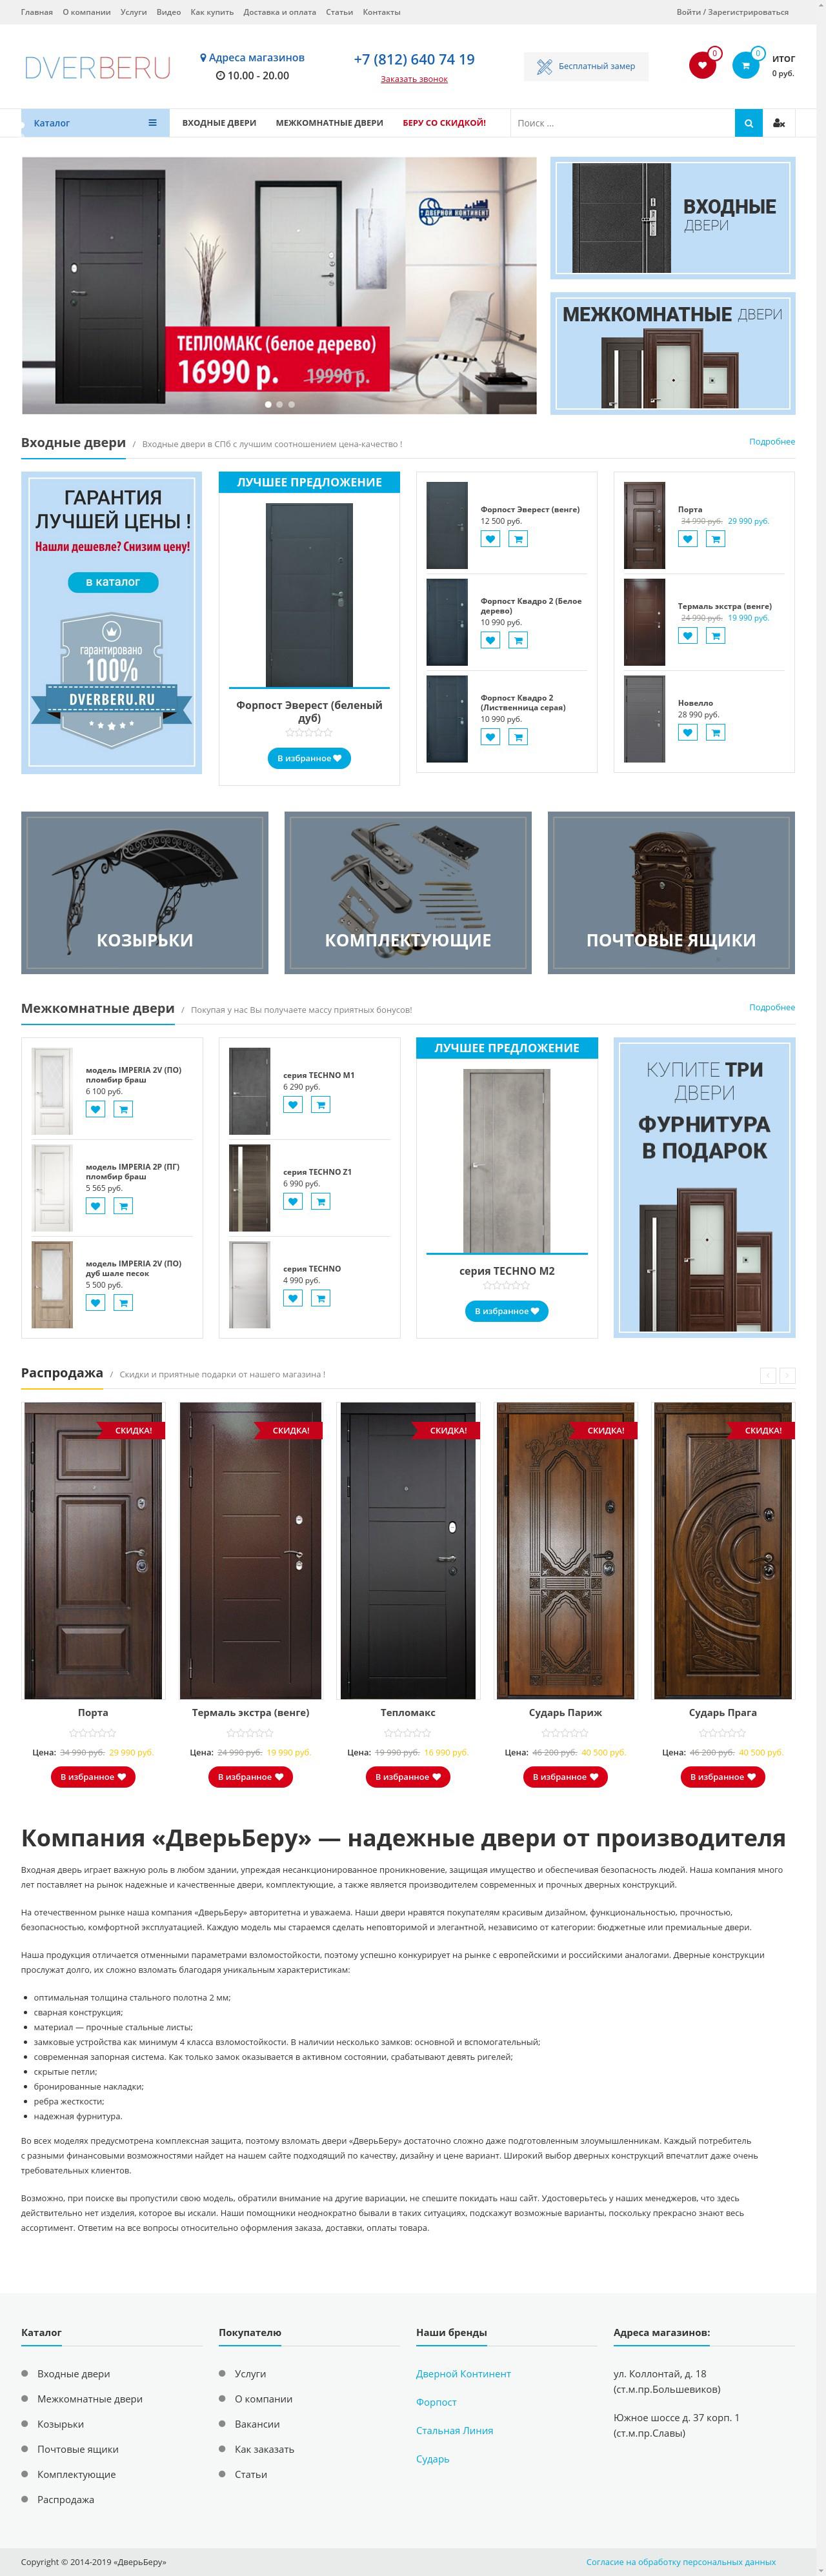 Инетернет-магазин по продаже дверей